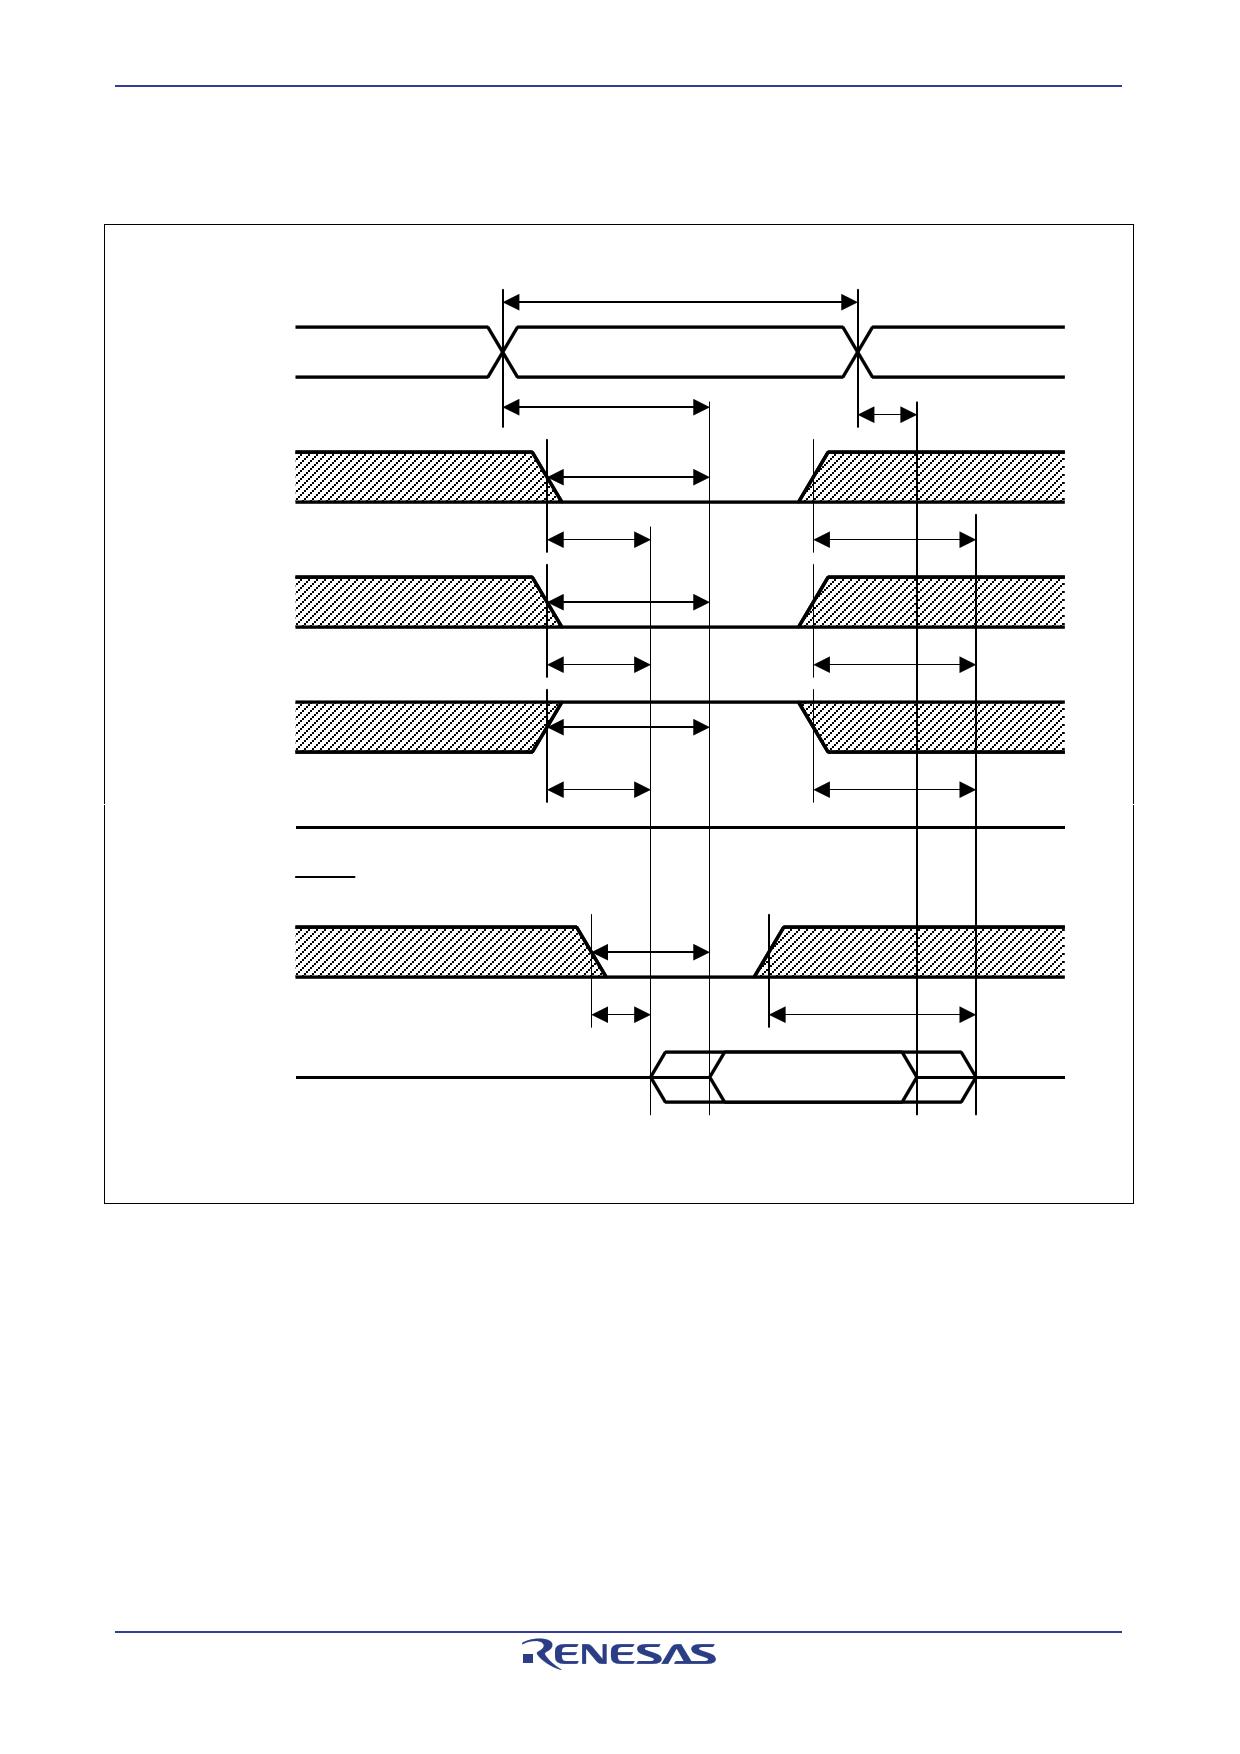 R1WV6416R arduino